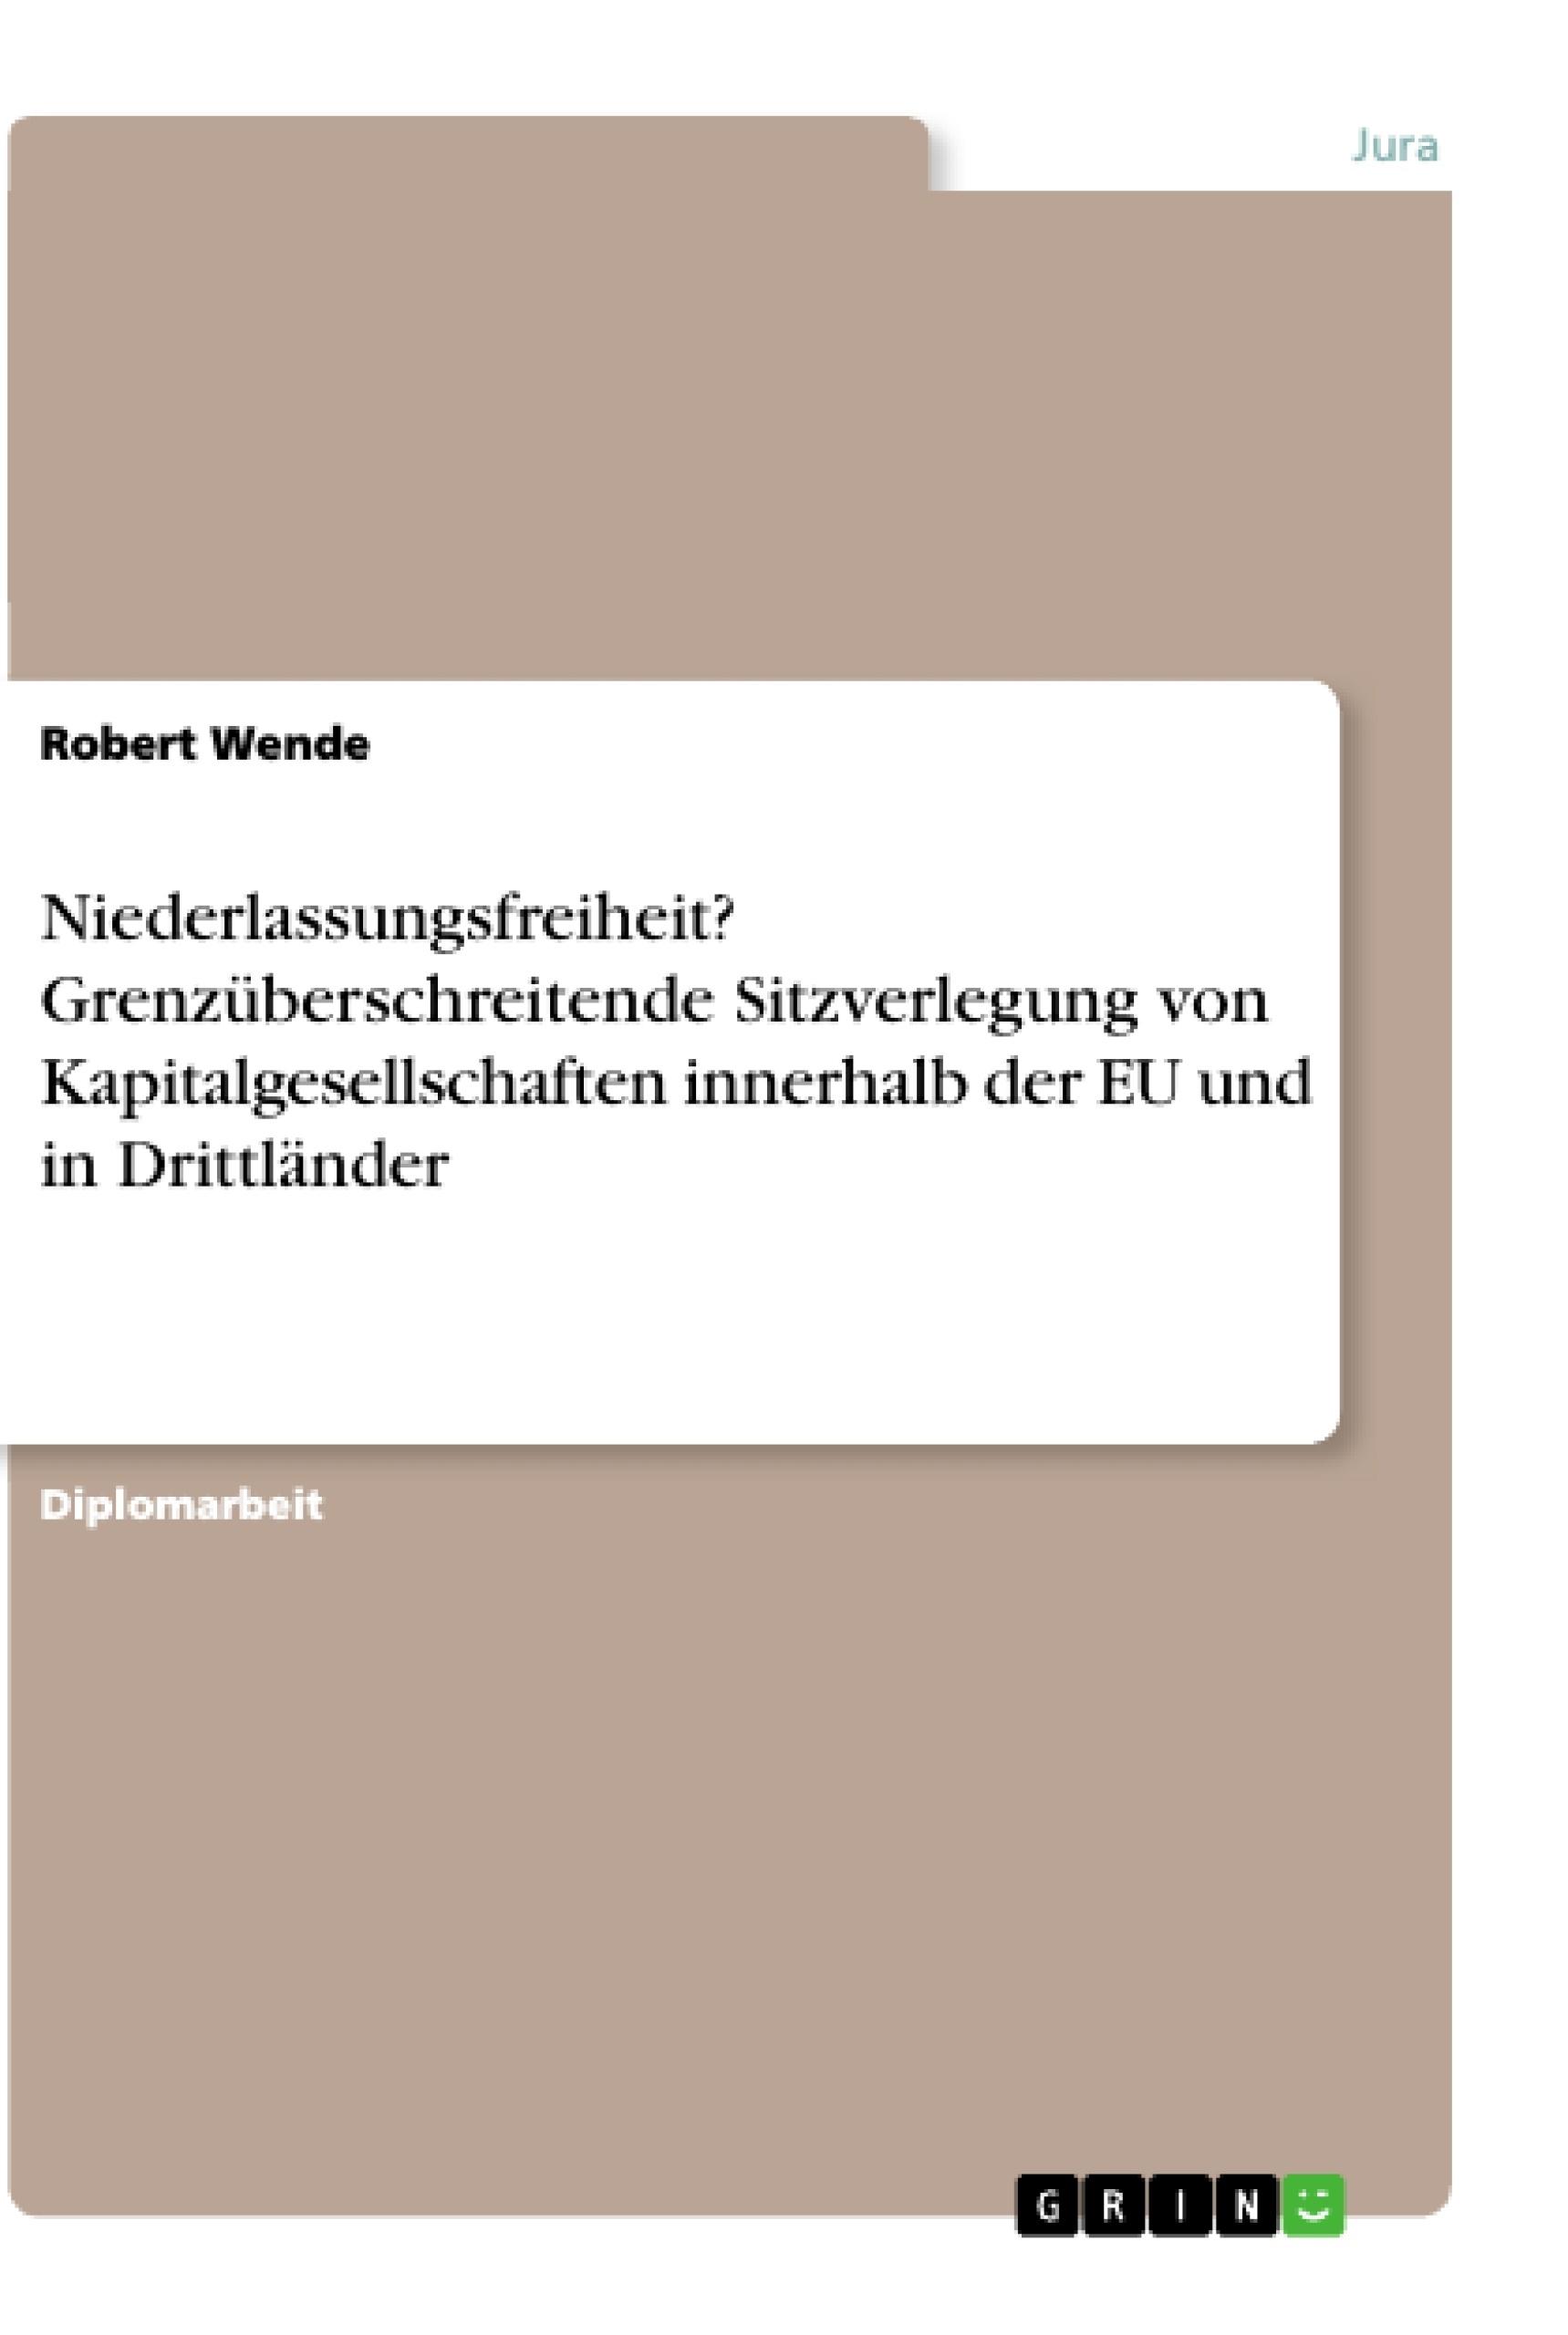 Titel: Niederlassungsfreiheit? Grenzüberschreitende Sitzverlegung von Kapitalgesellschaften innerhalb der EU und in Drittländer